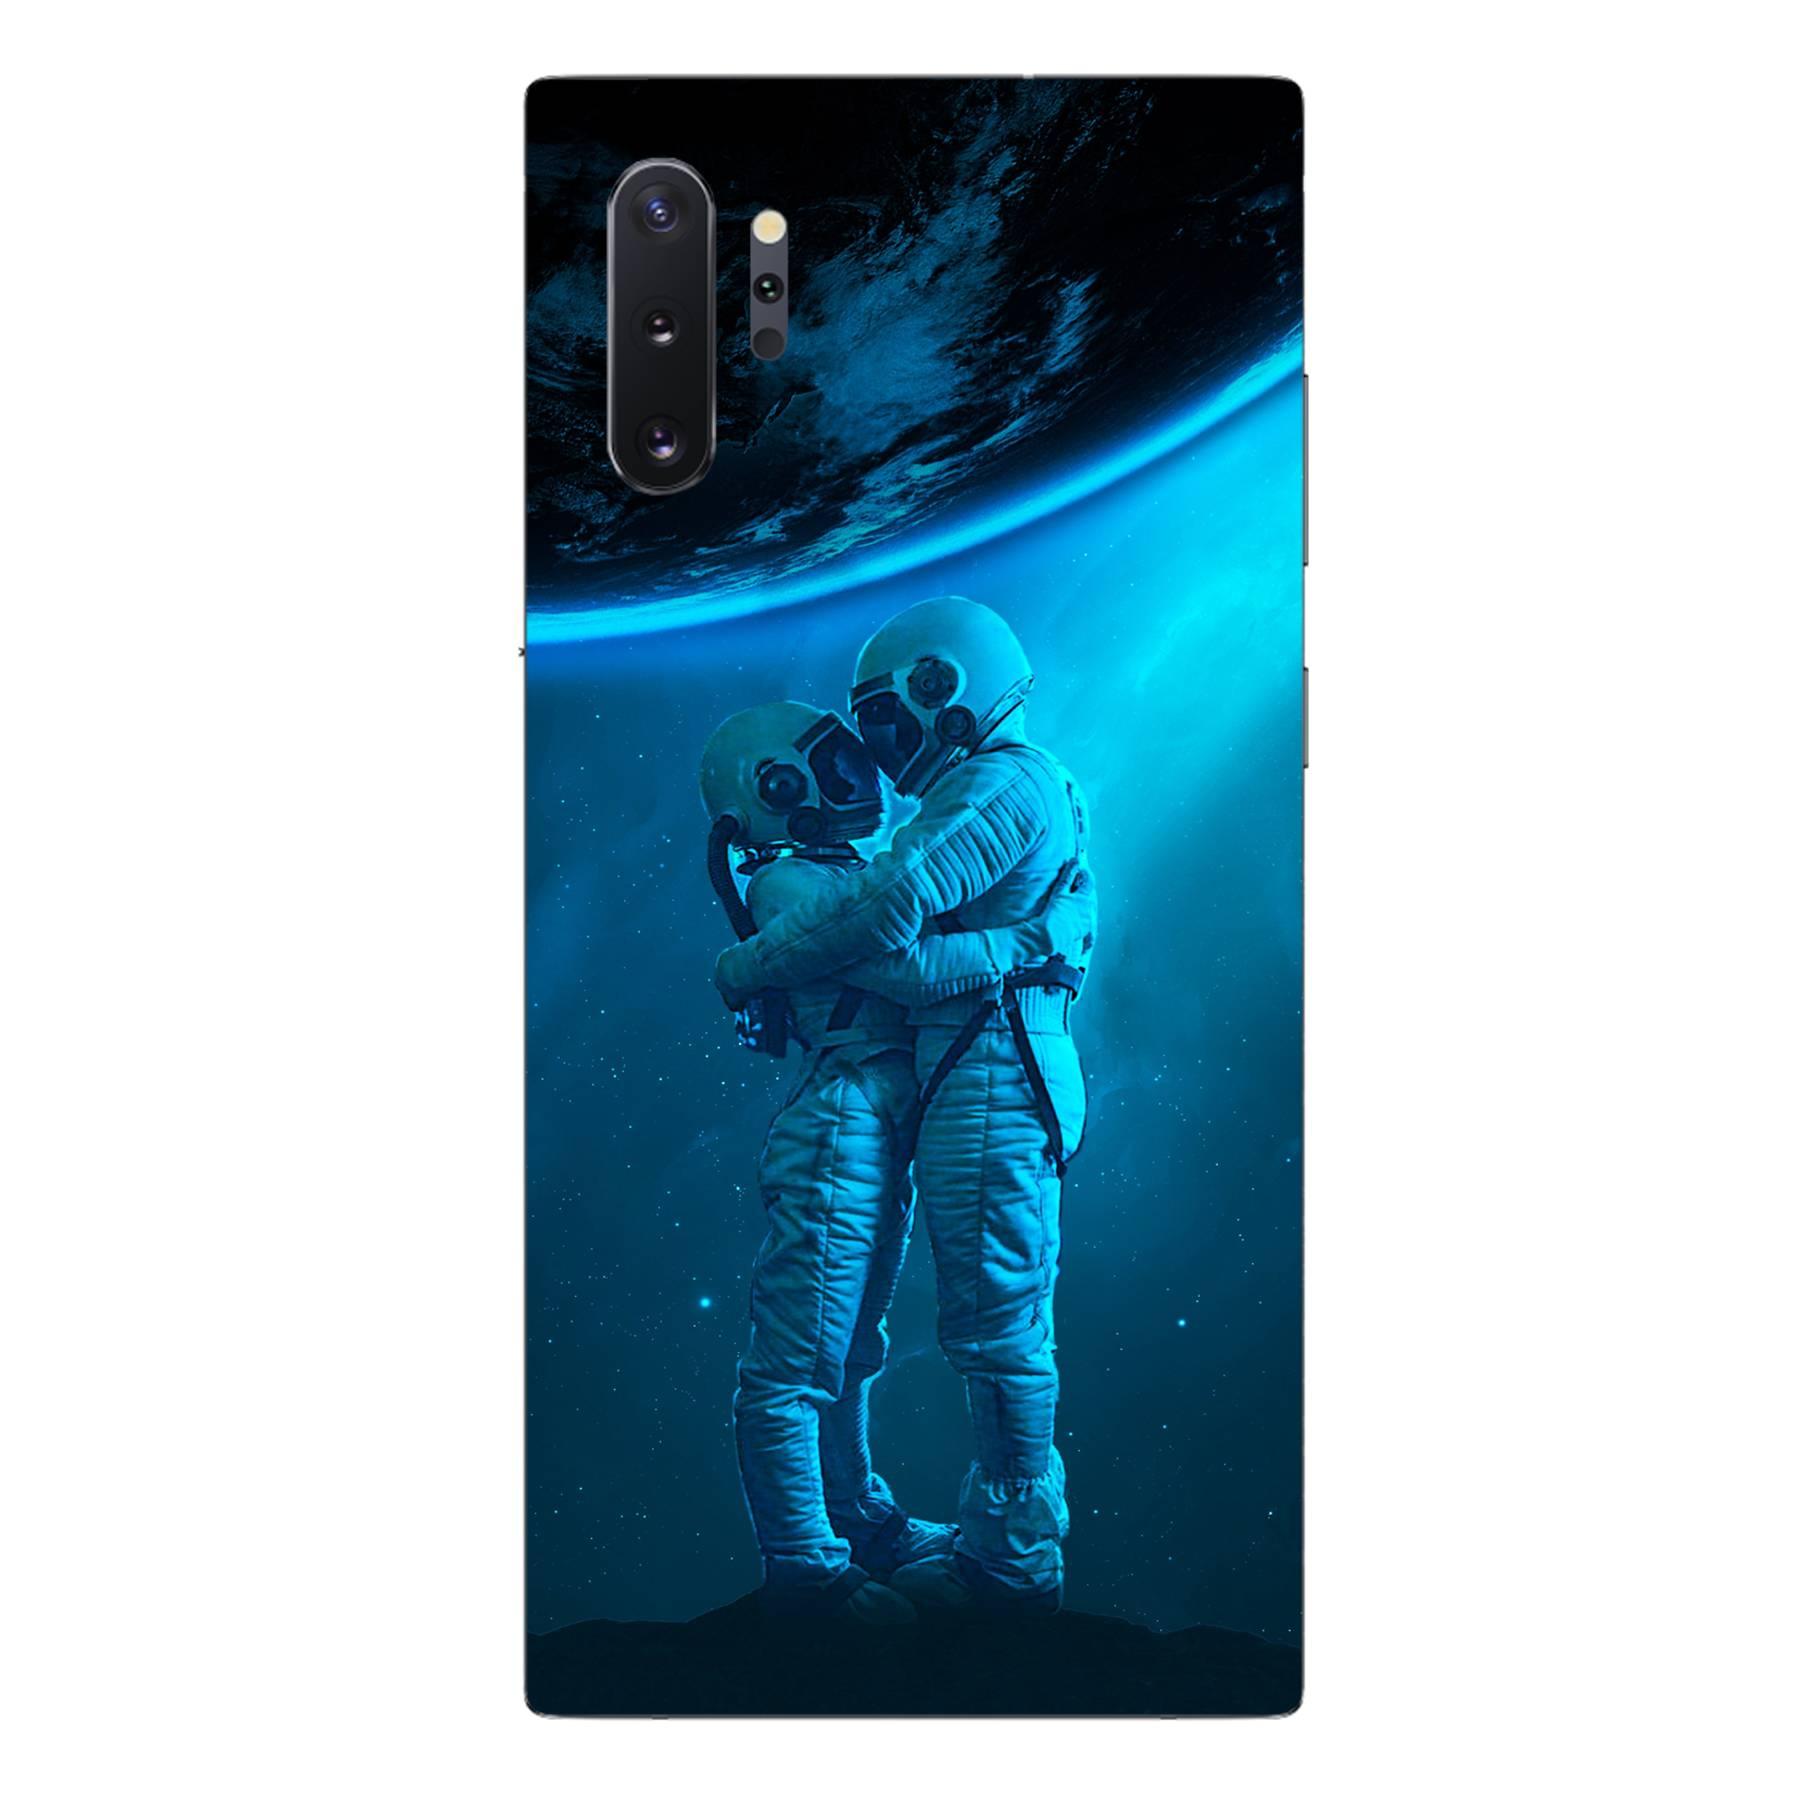 E-pic szilikon védő tok / hátlap - Szerelmes űrhajós pár mintás - SAMSUNG Galaxy Note10+ (SM-N975F)